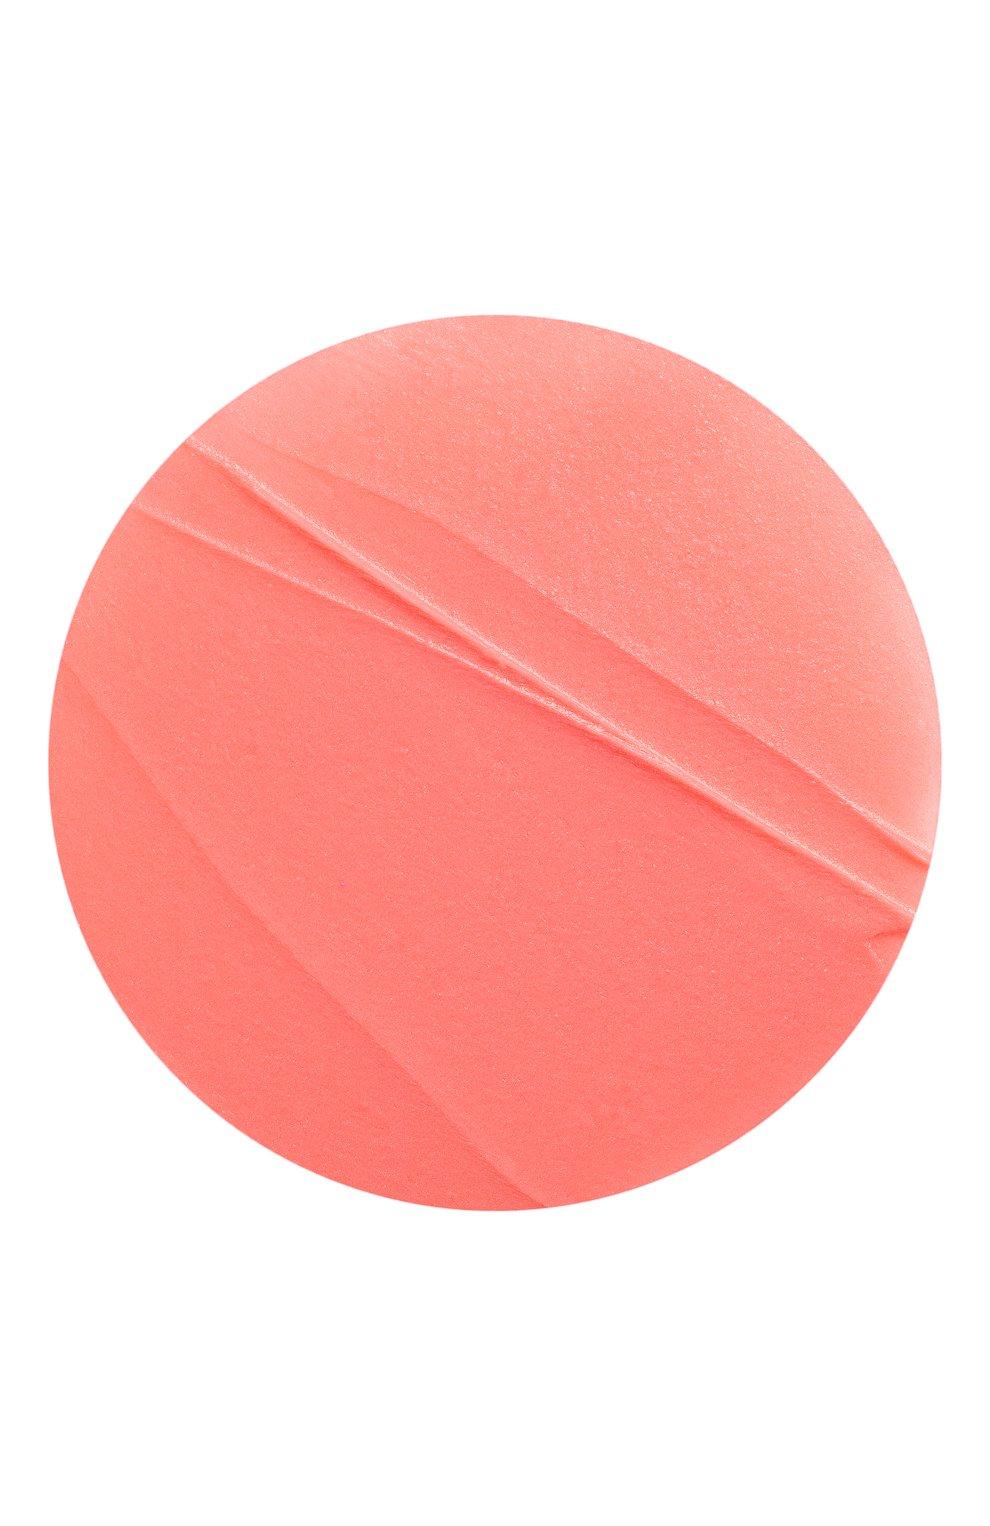 Натуральный бальзам для ухода за губами rose à lèvres, rose d'été HERMÈS бесцветного цвета, арт. 60284BV030H | Фото 7